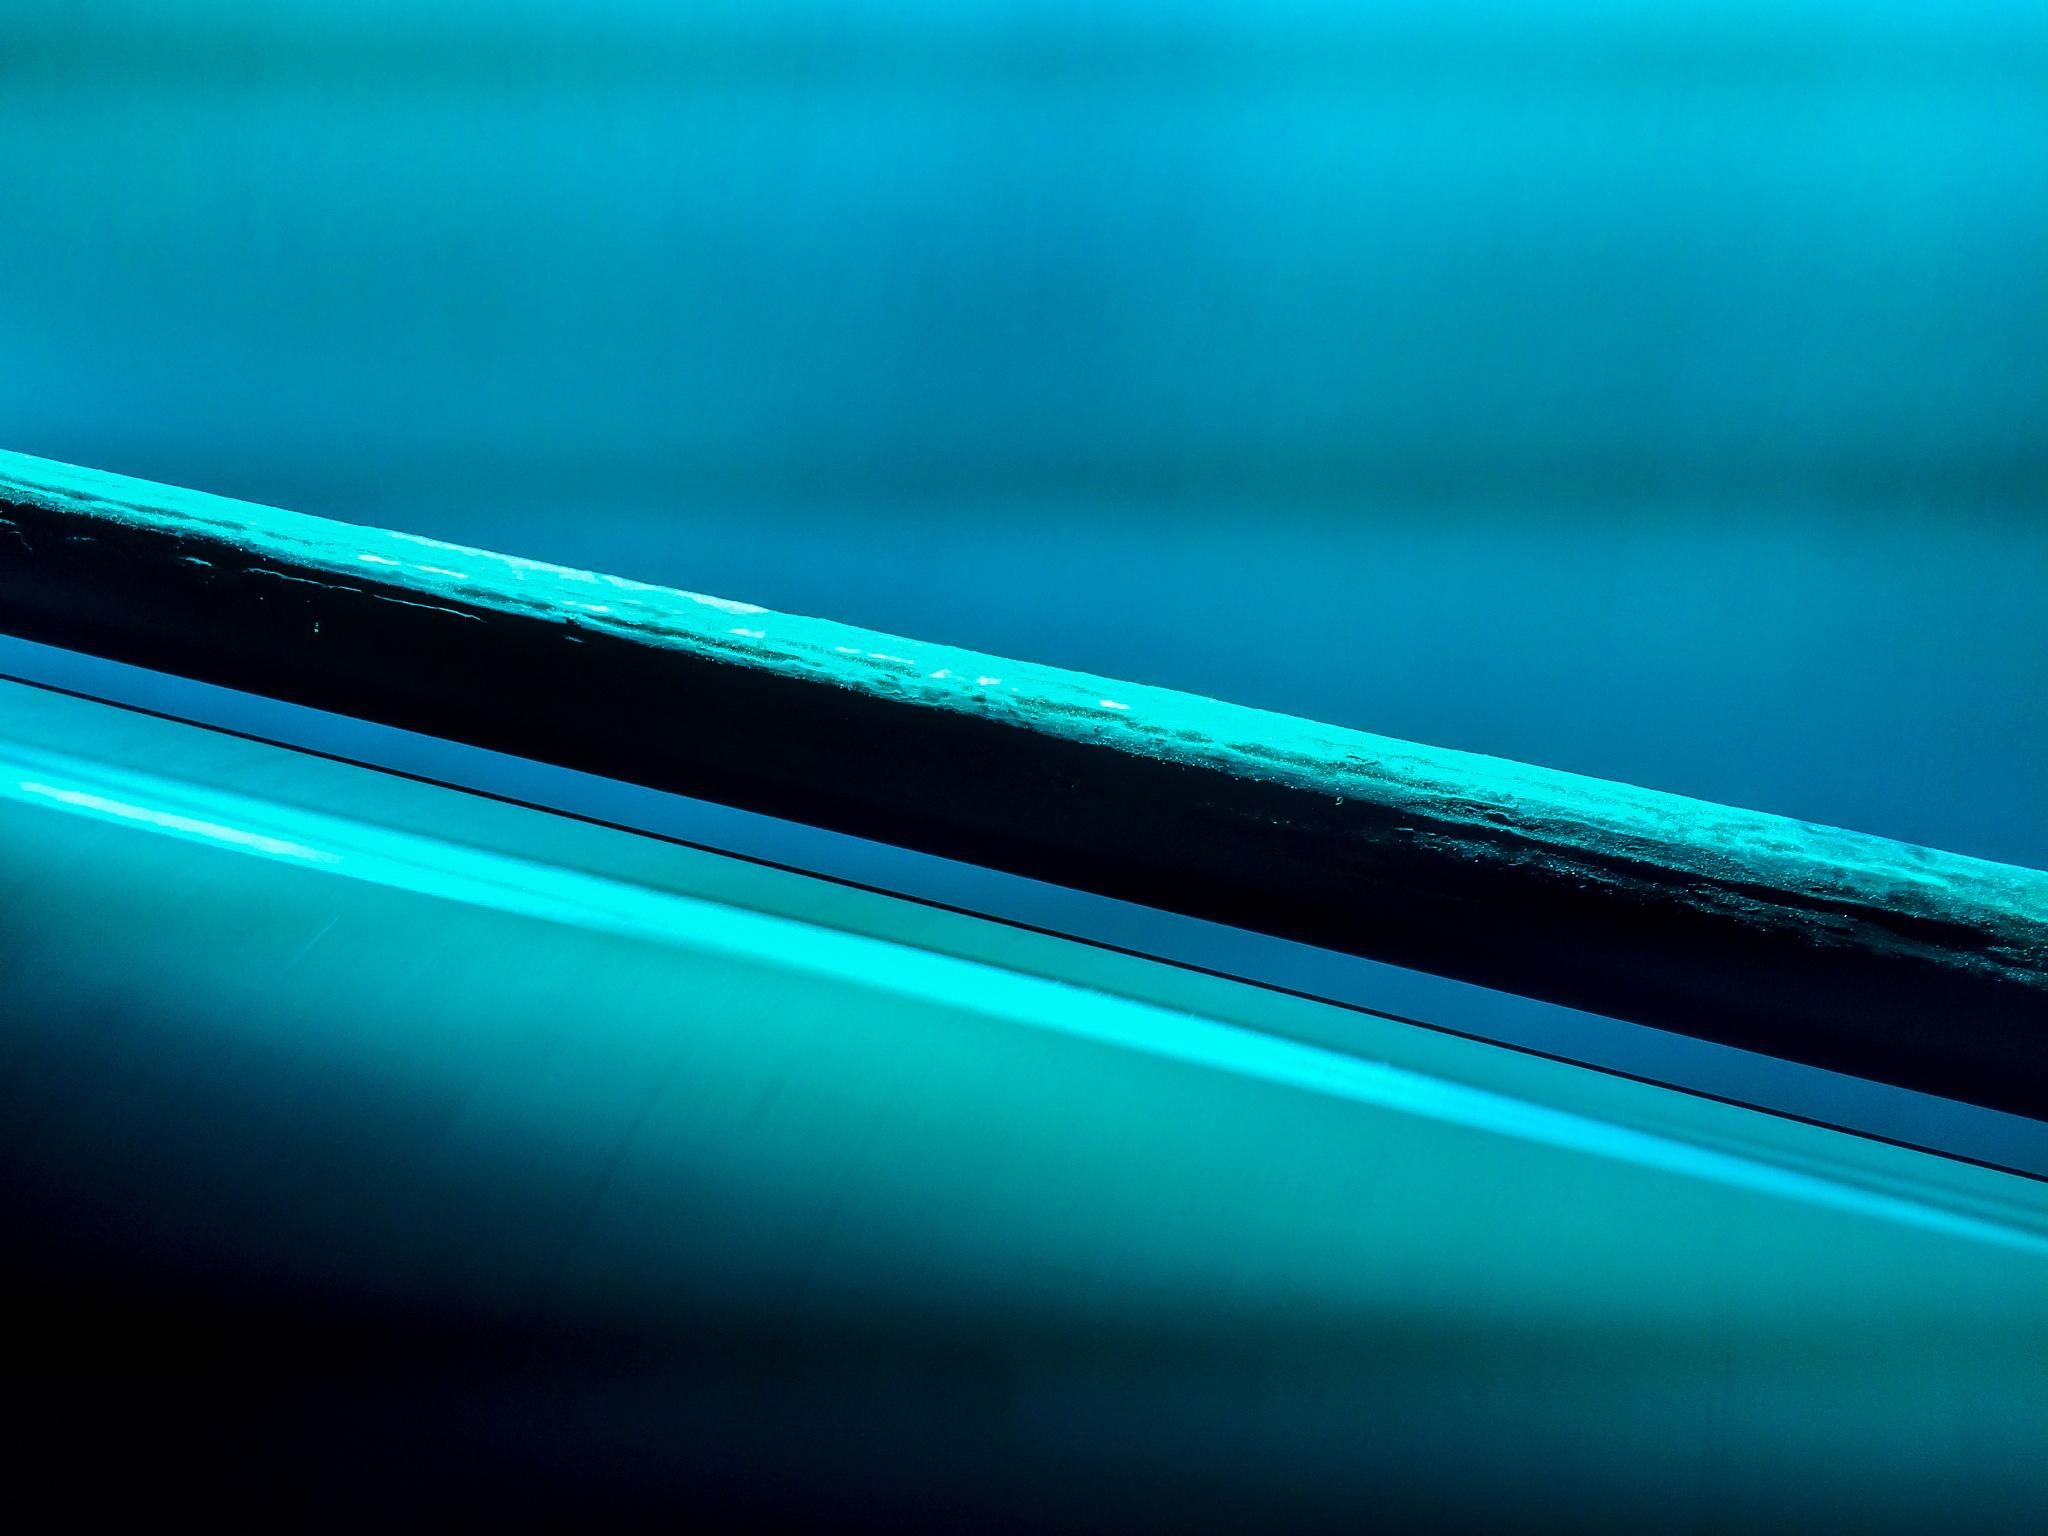 Blue Bar Over Web by RwBesler